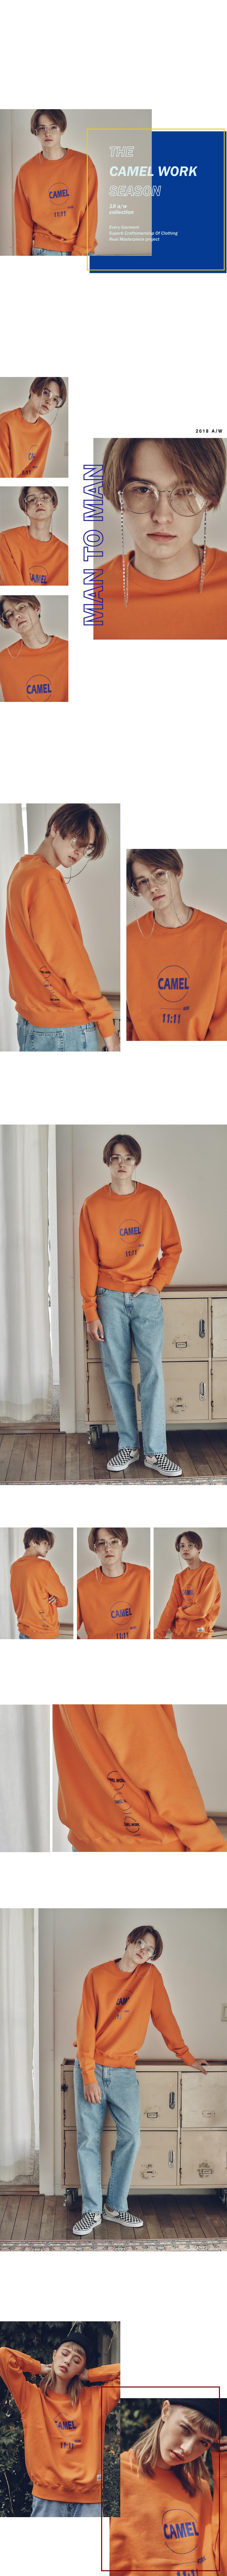 1111 Sweatshirts or1.jpg